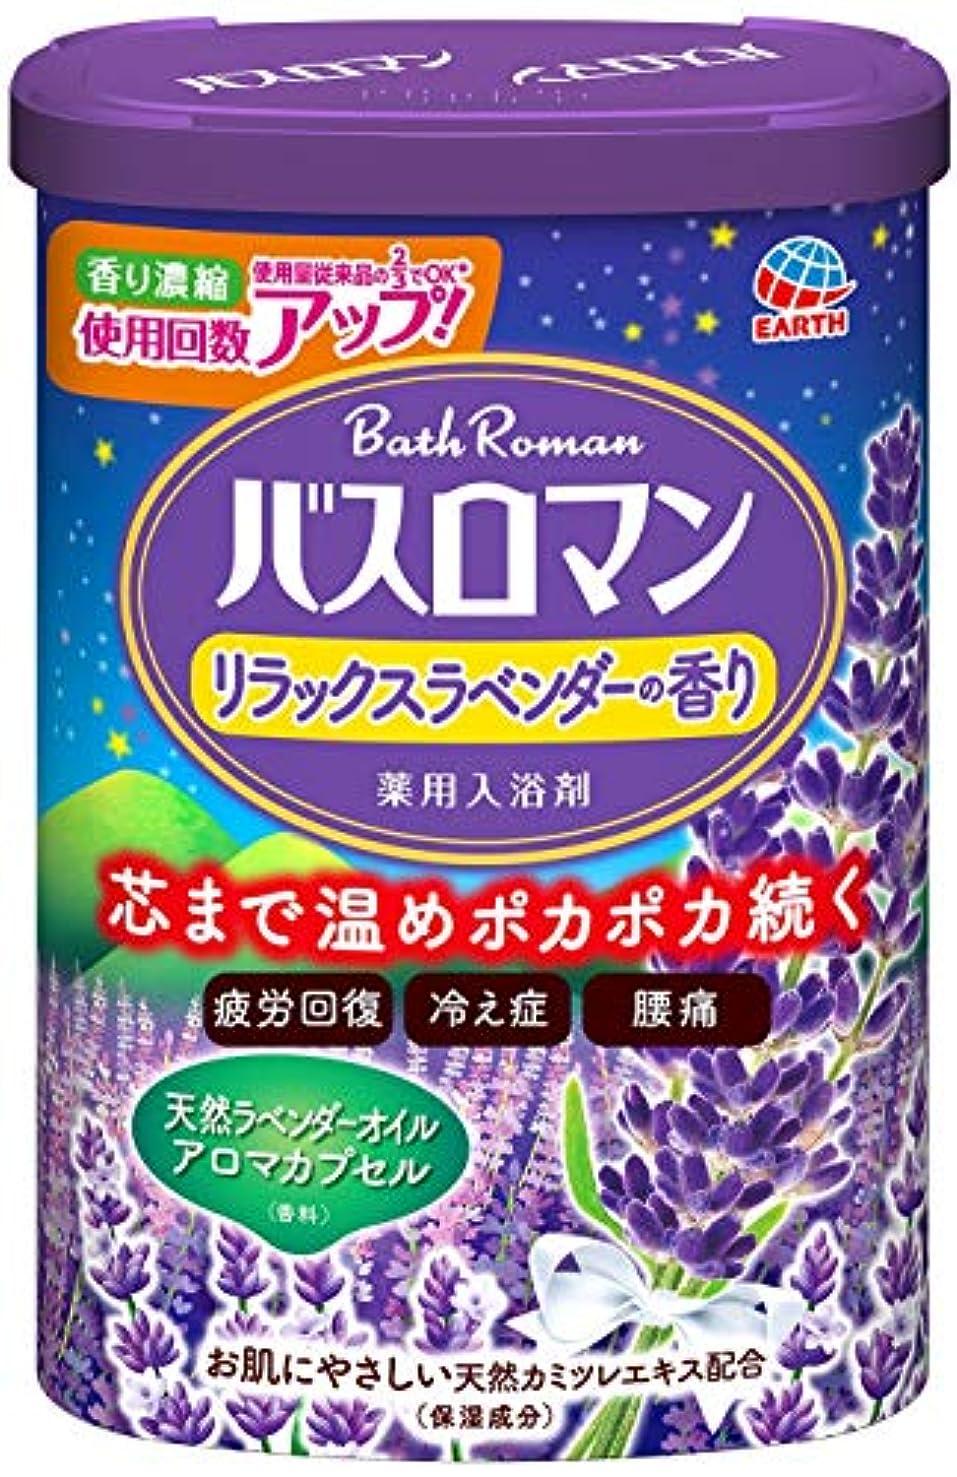 【医薬部外品】バスロマン 入浴剤 リラックスラベンダーの香り [600g]